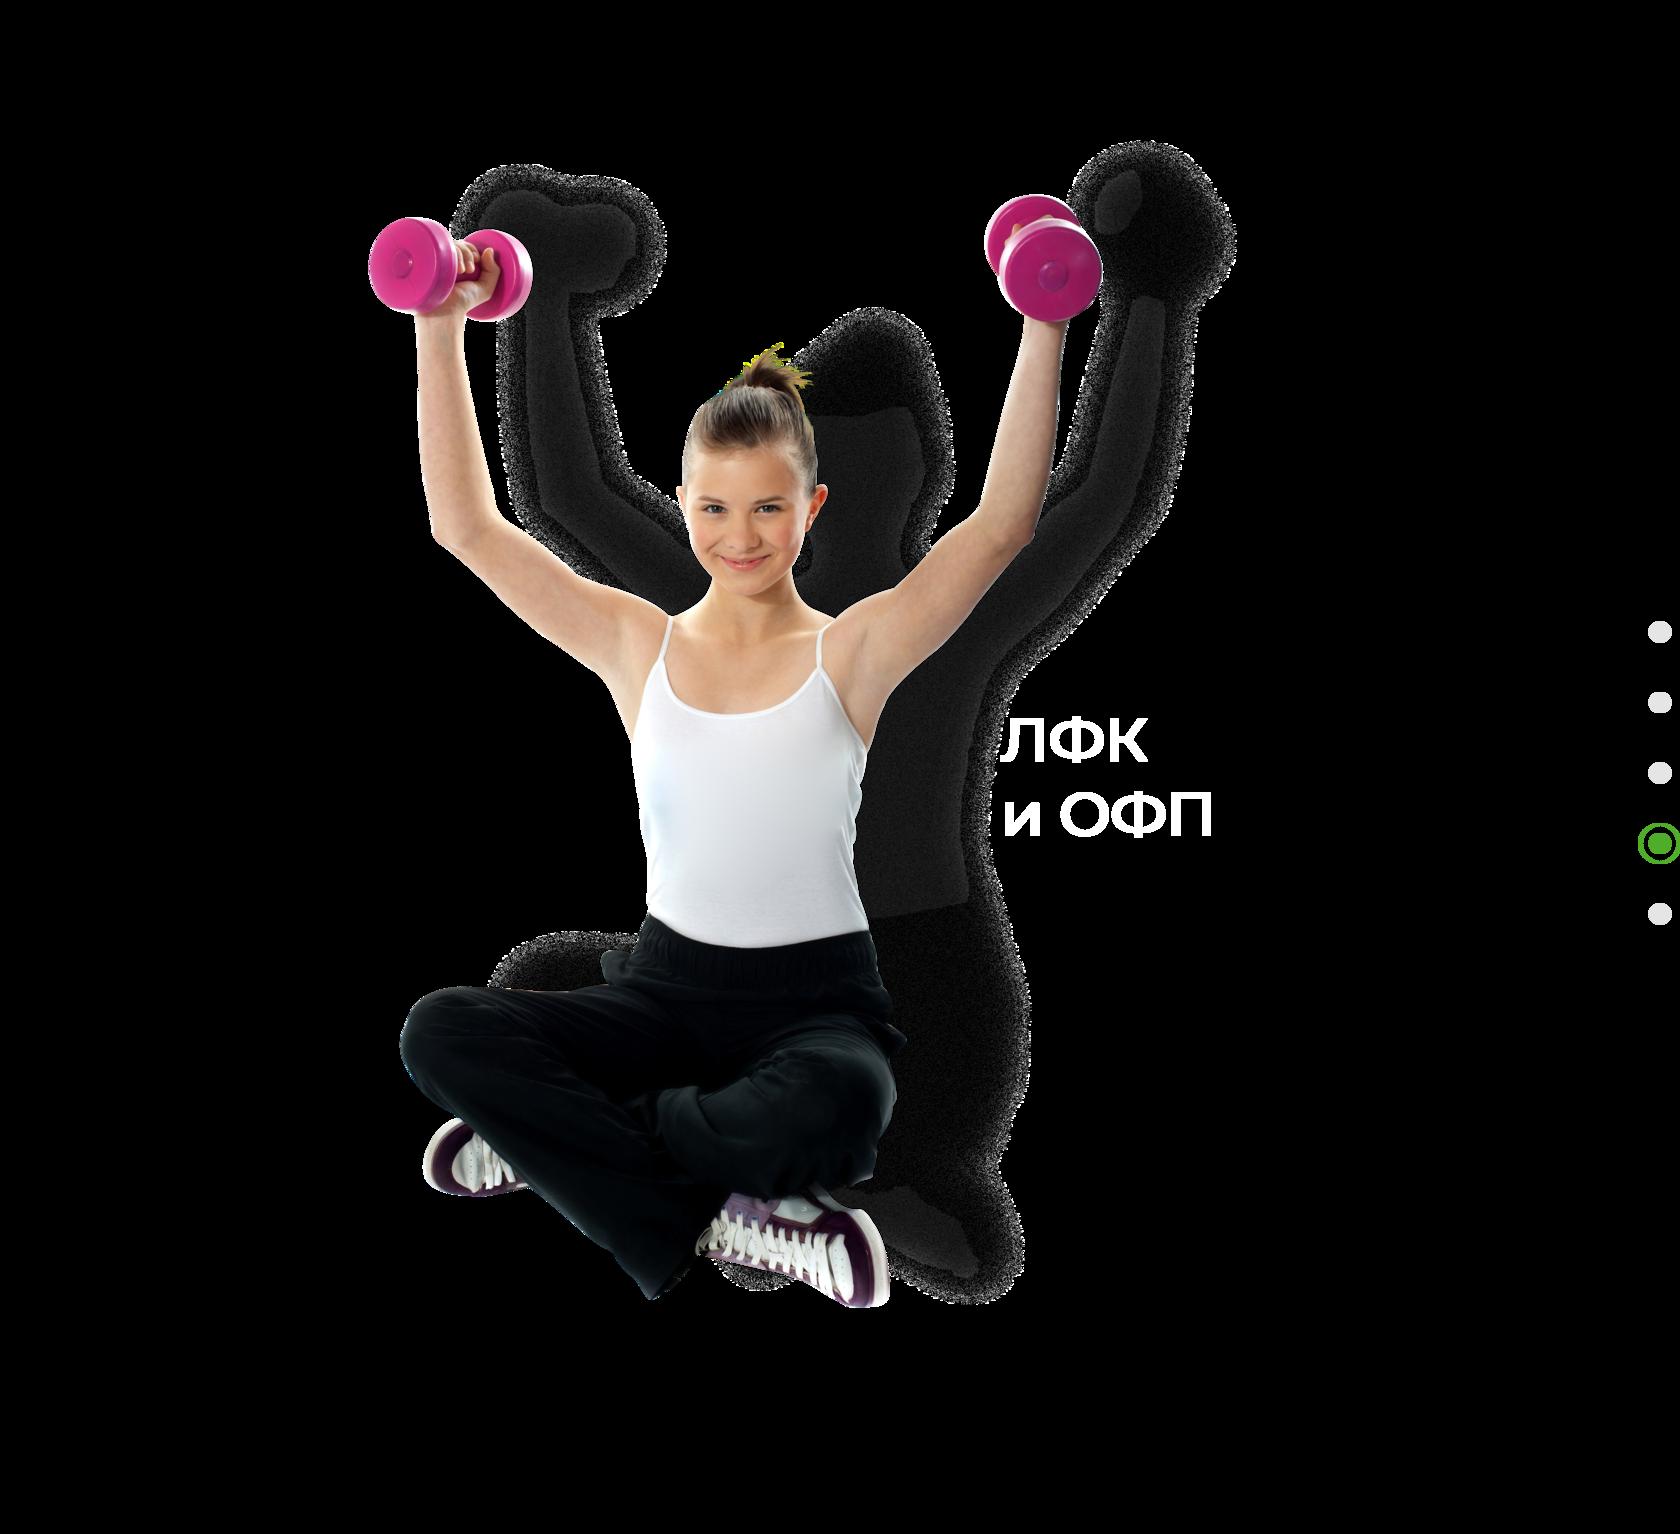 Восточные единоборства, йога, массаж и лечебная физкультура для взрослых и детей